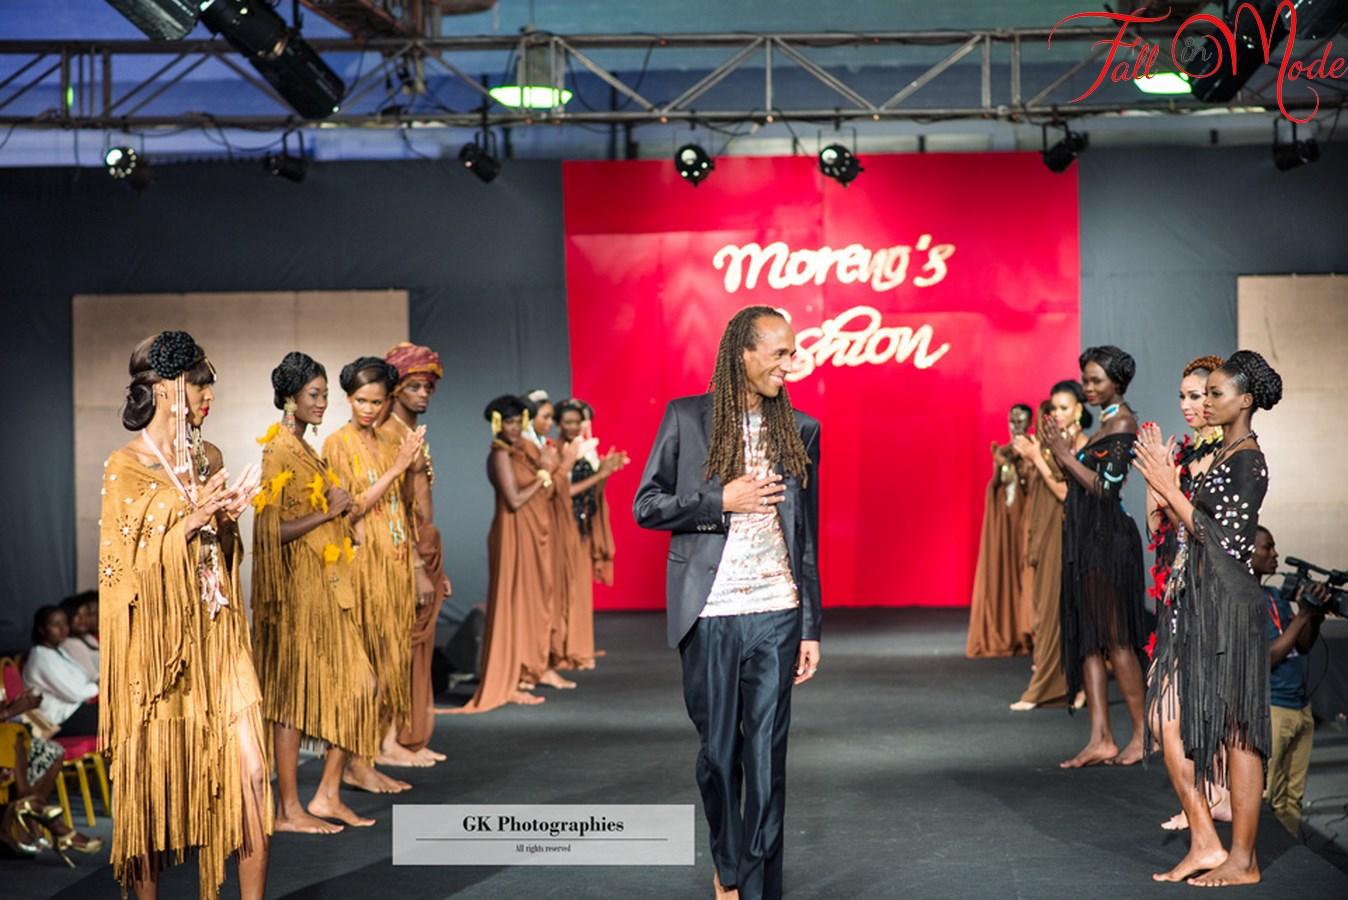 moreno's fashion_michael Kra